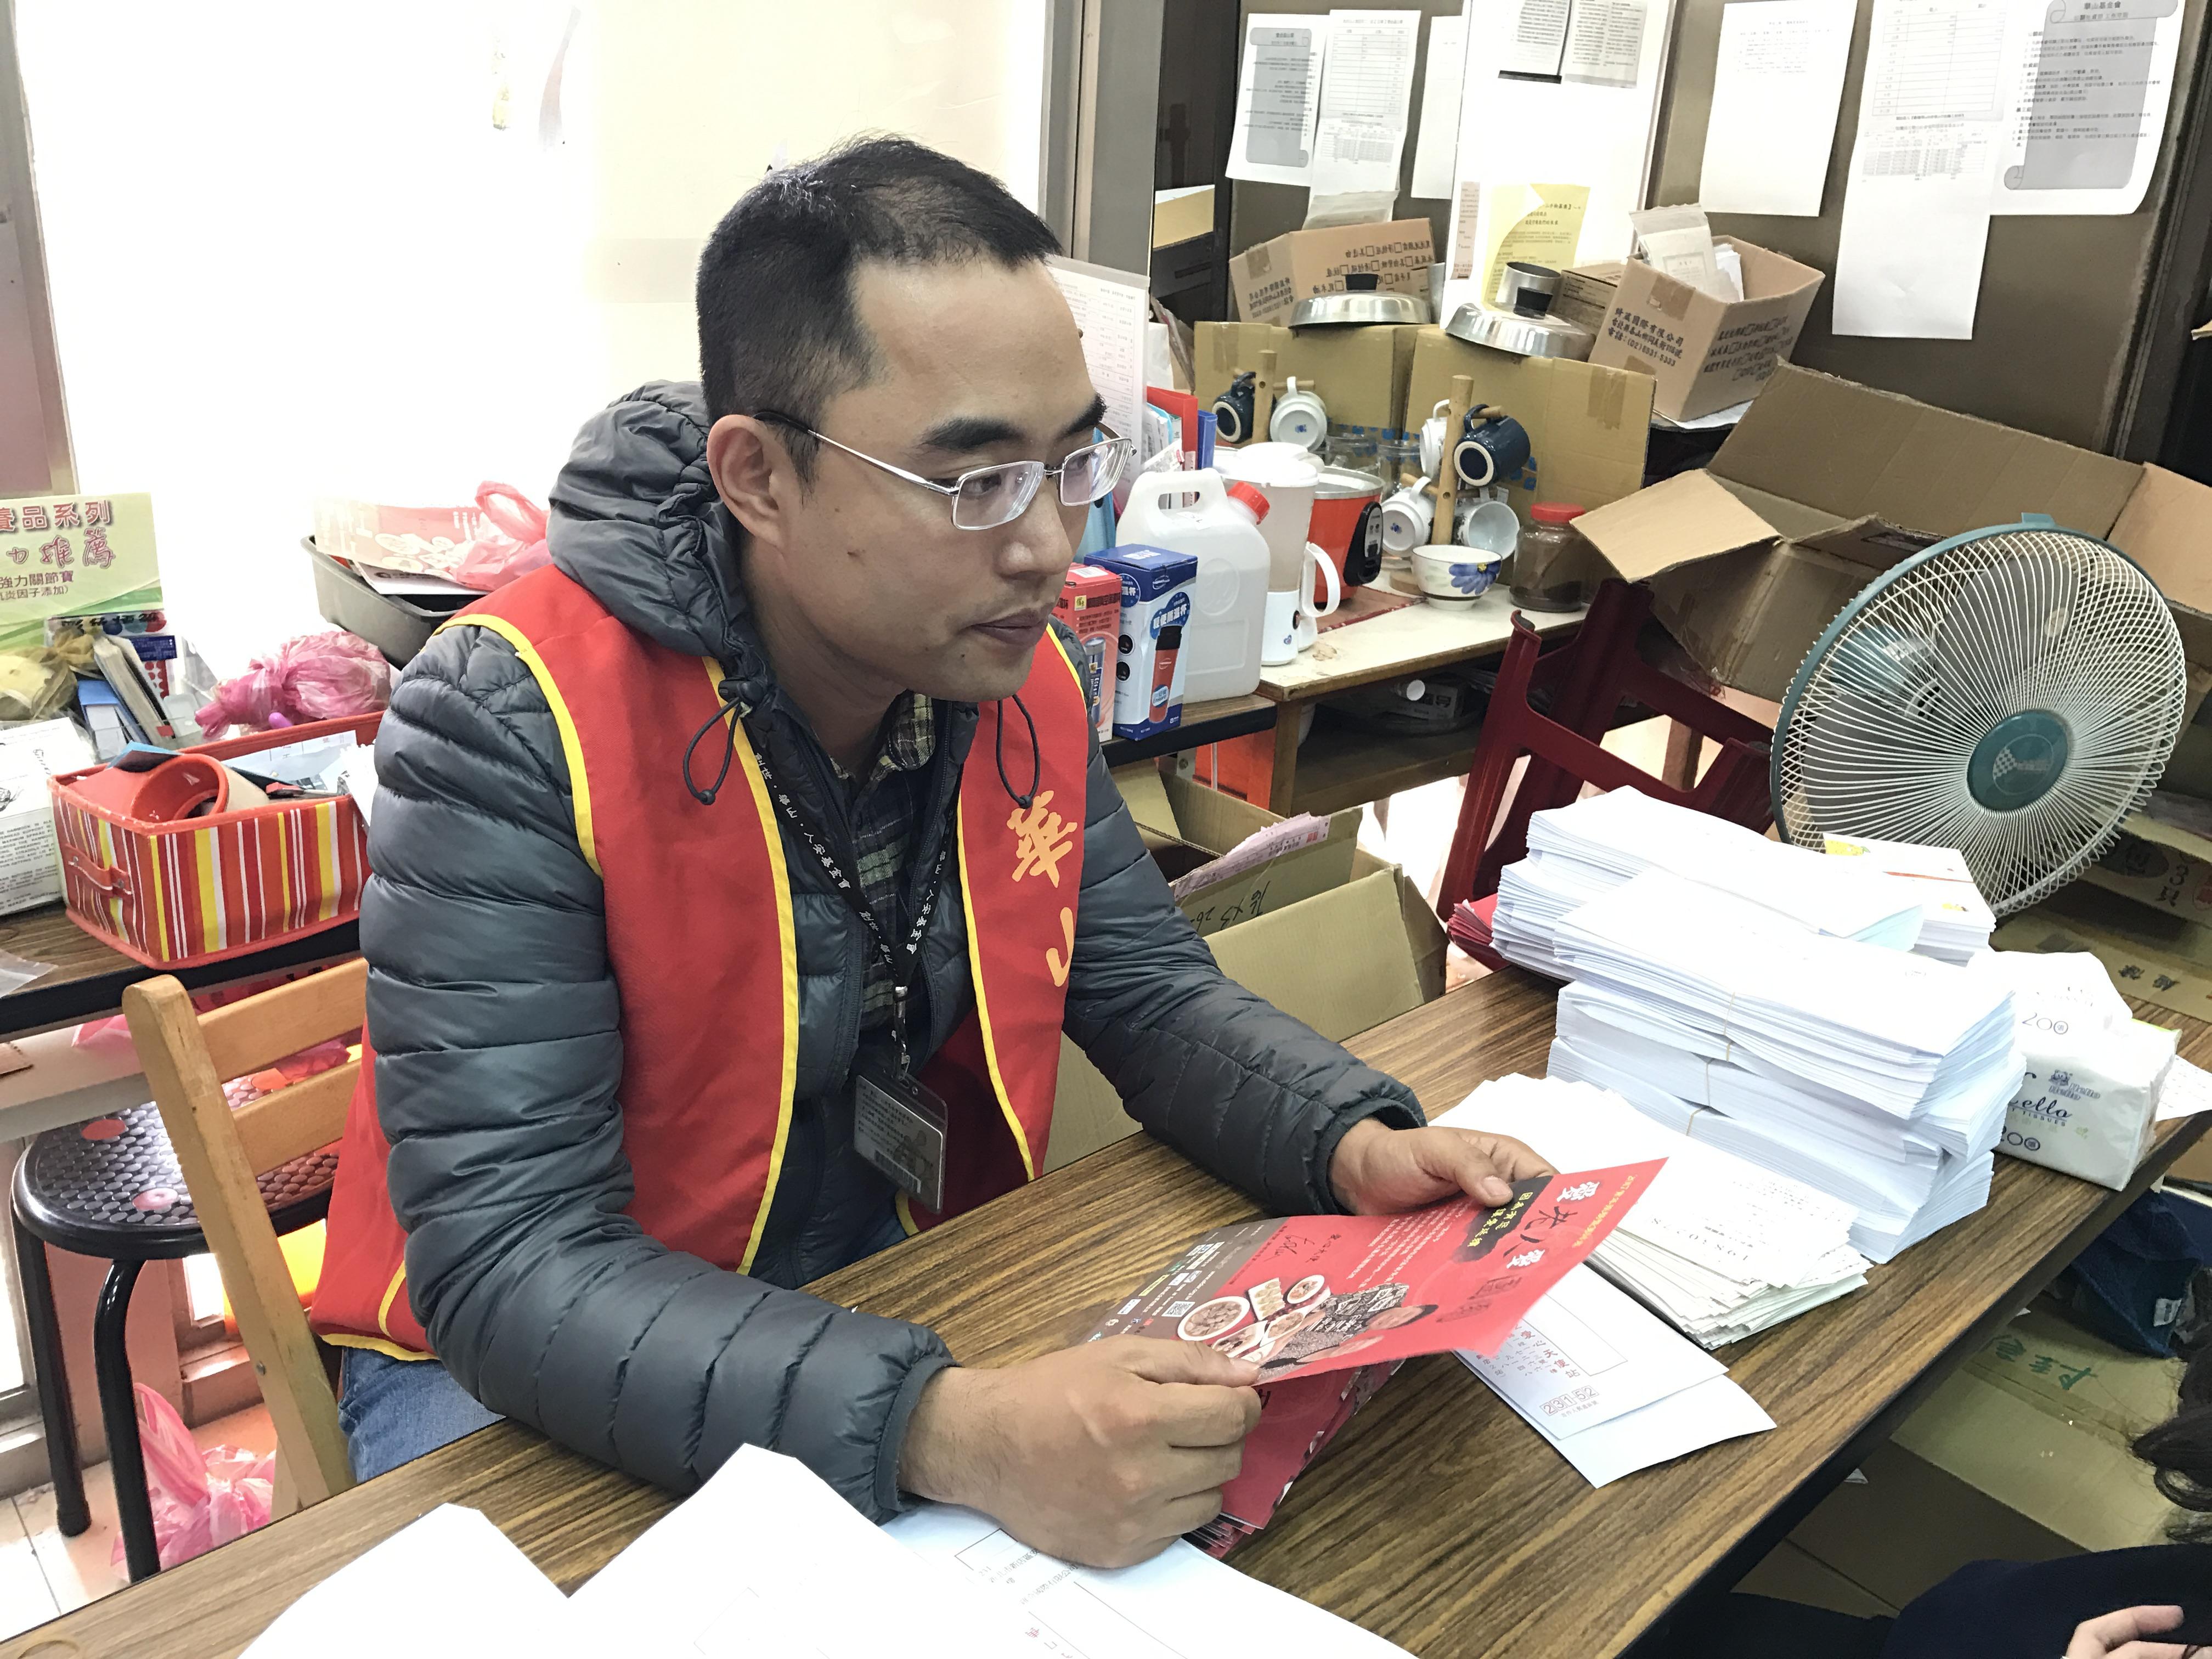 新店愛心天使站站長吳晉緯介紹愛心年夜菜的活動。攝影/沈鈺琪